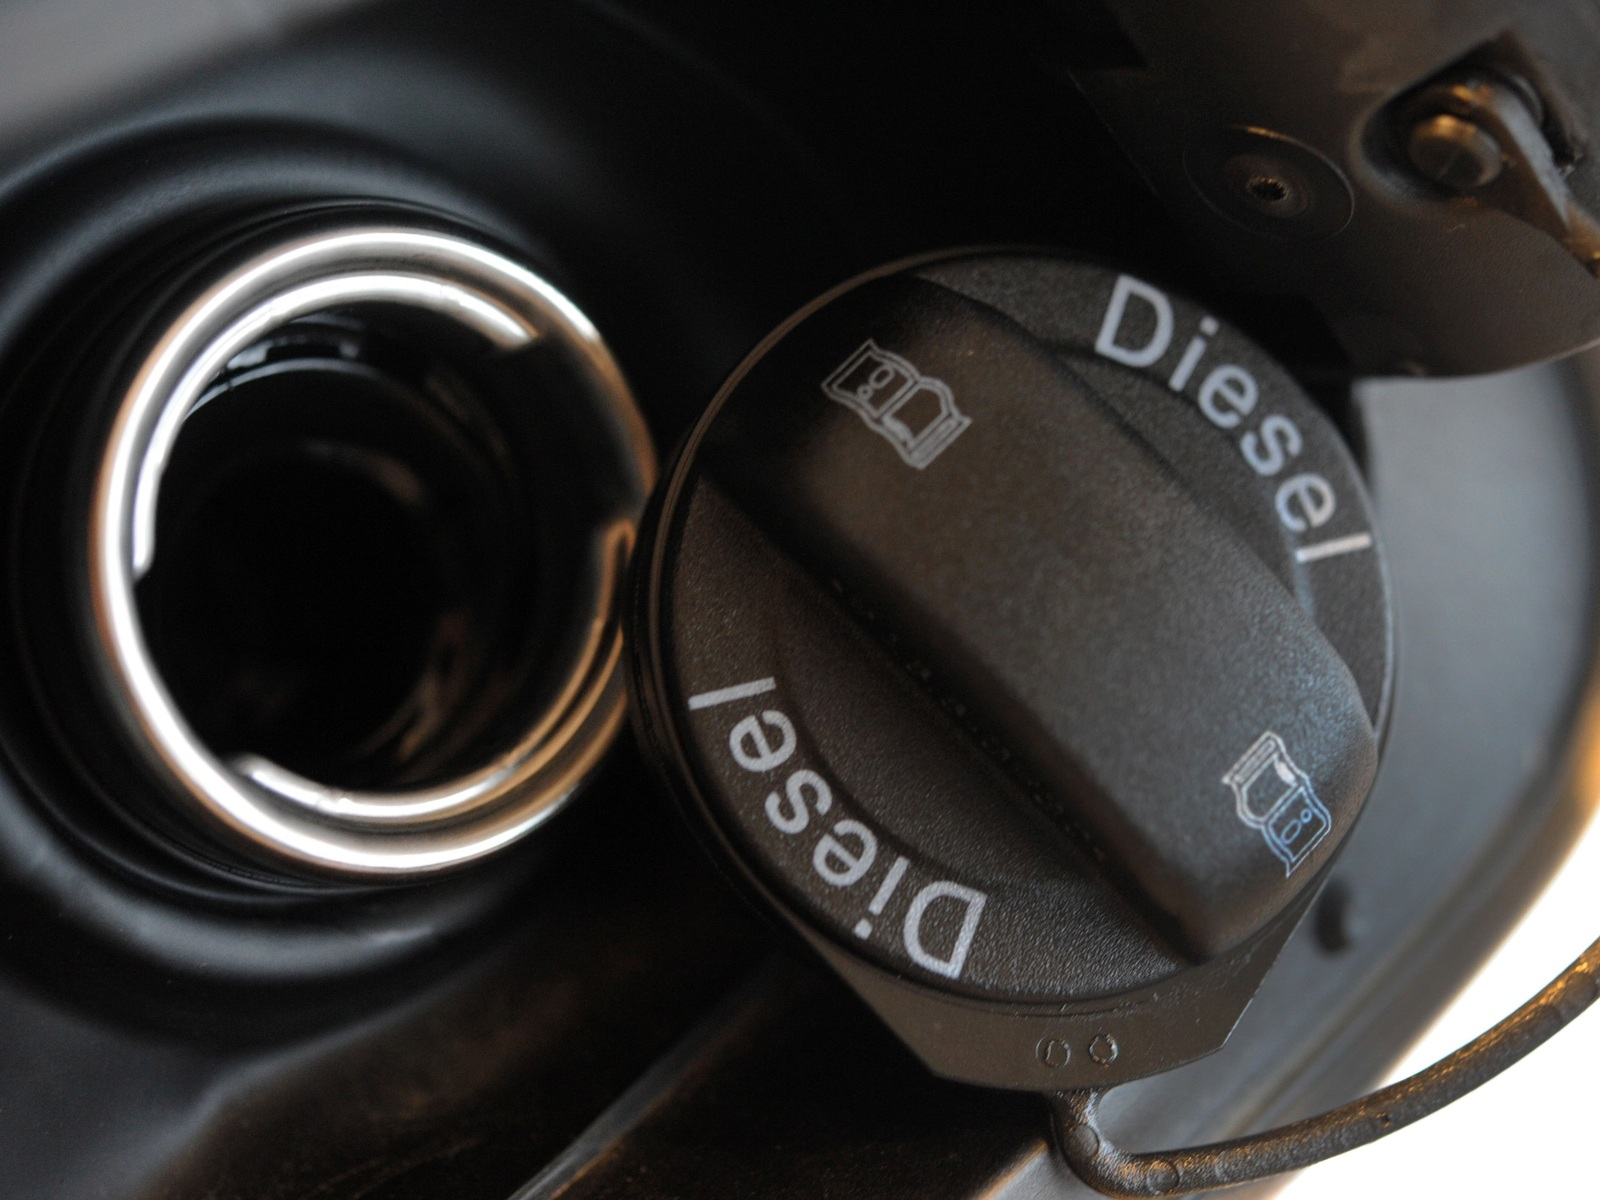 Ist Mein Vw Diesel Auch Betroffen